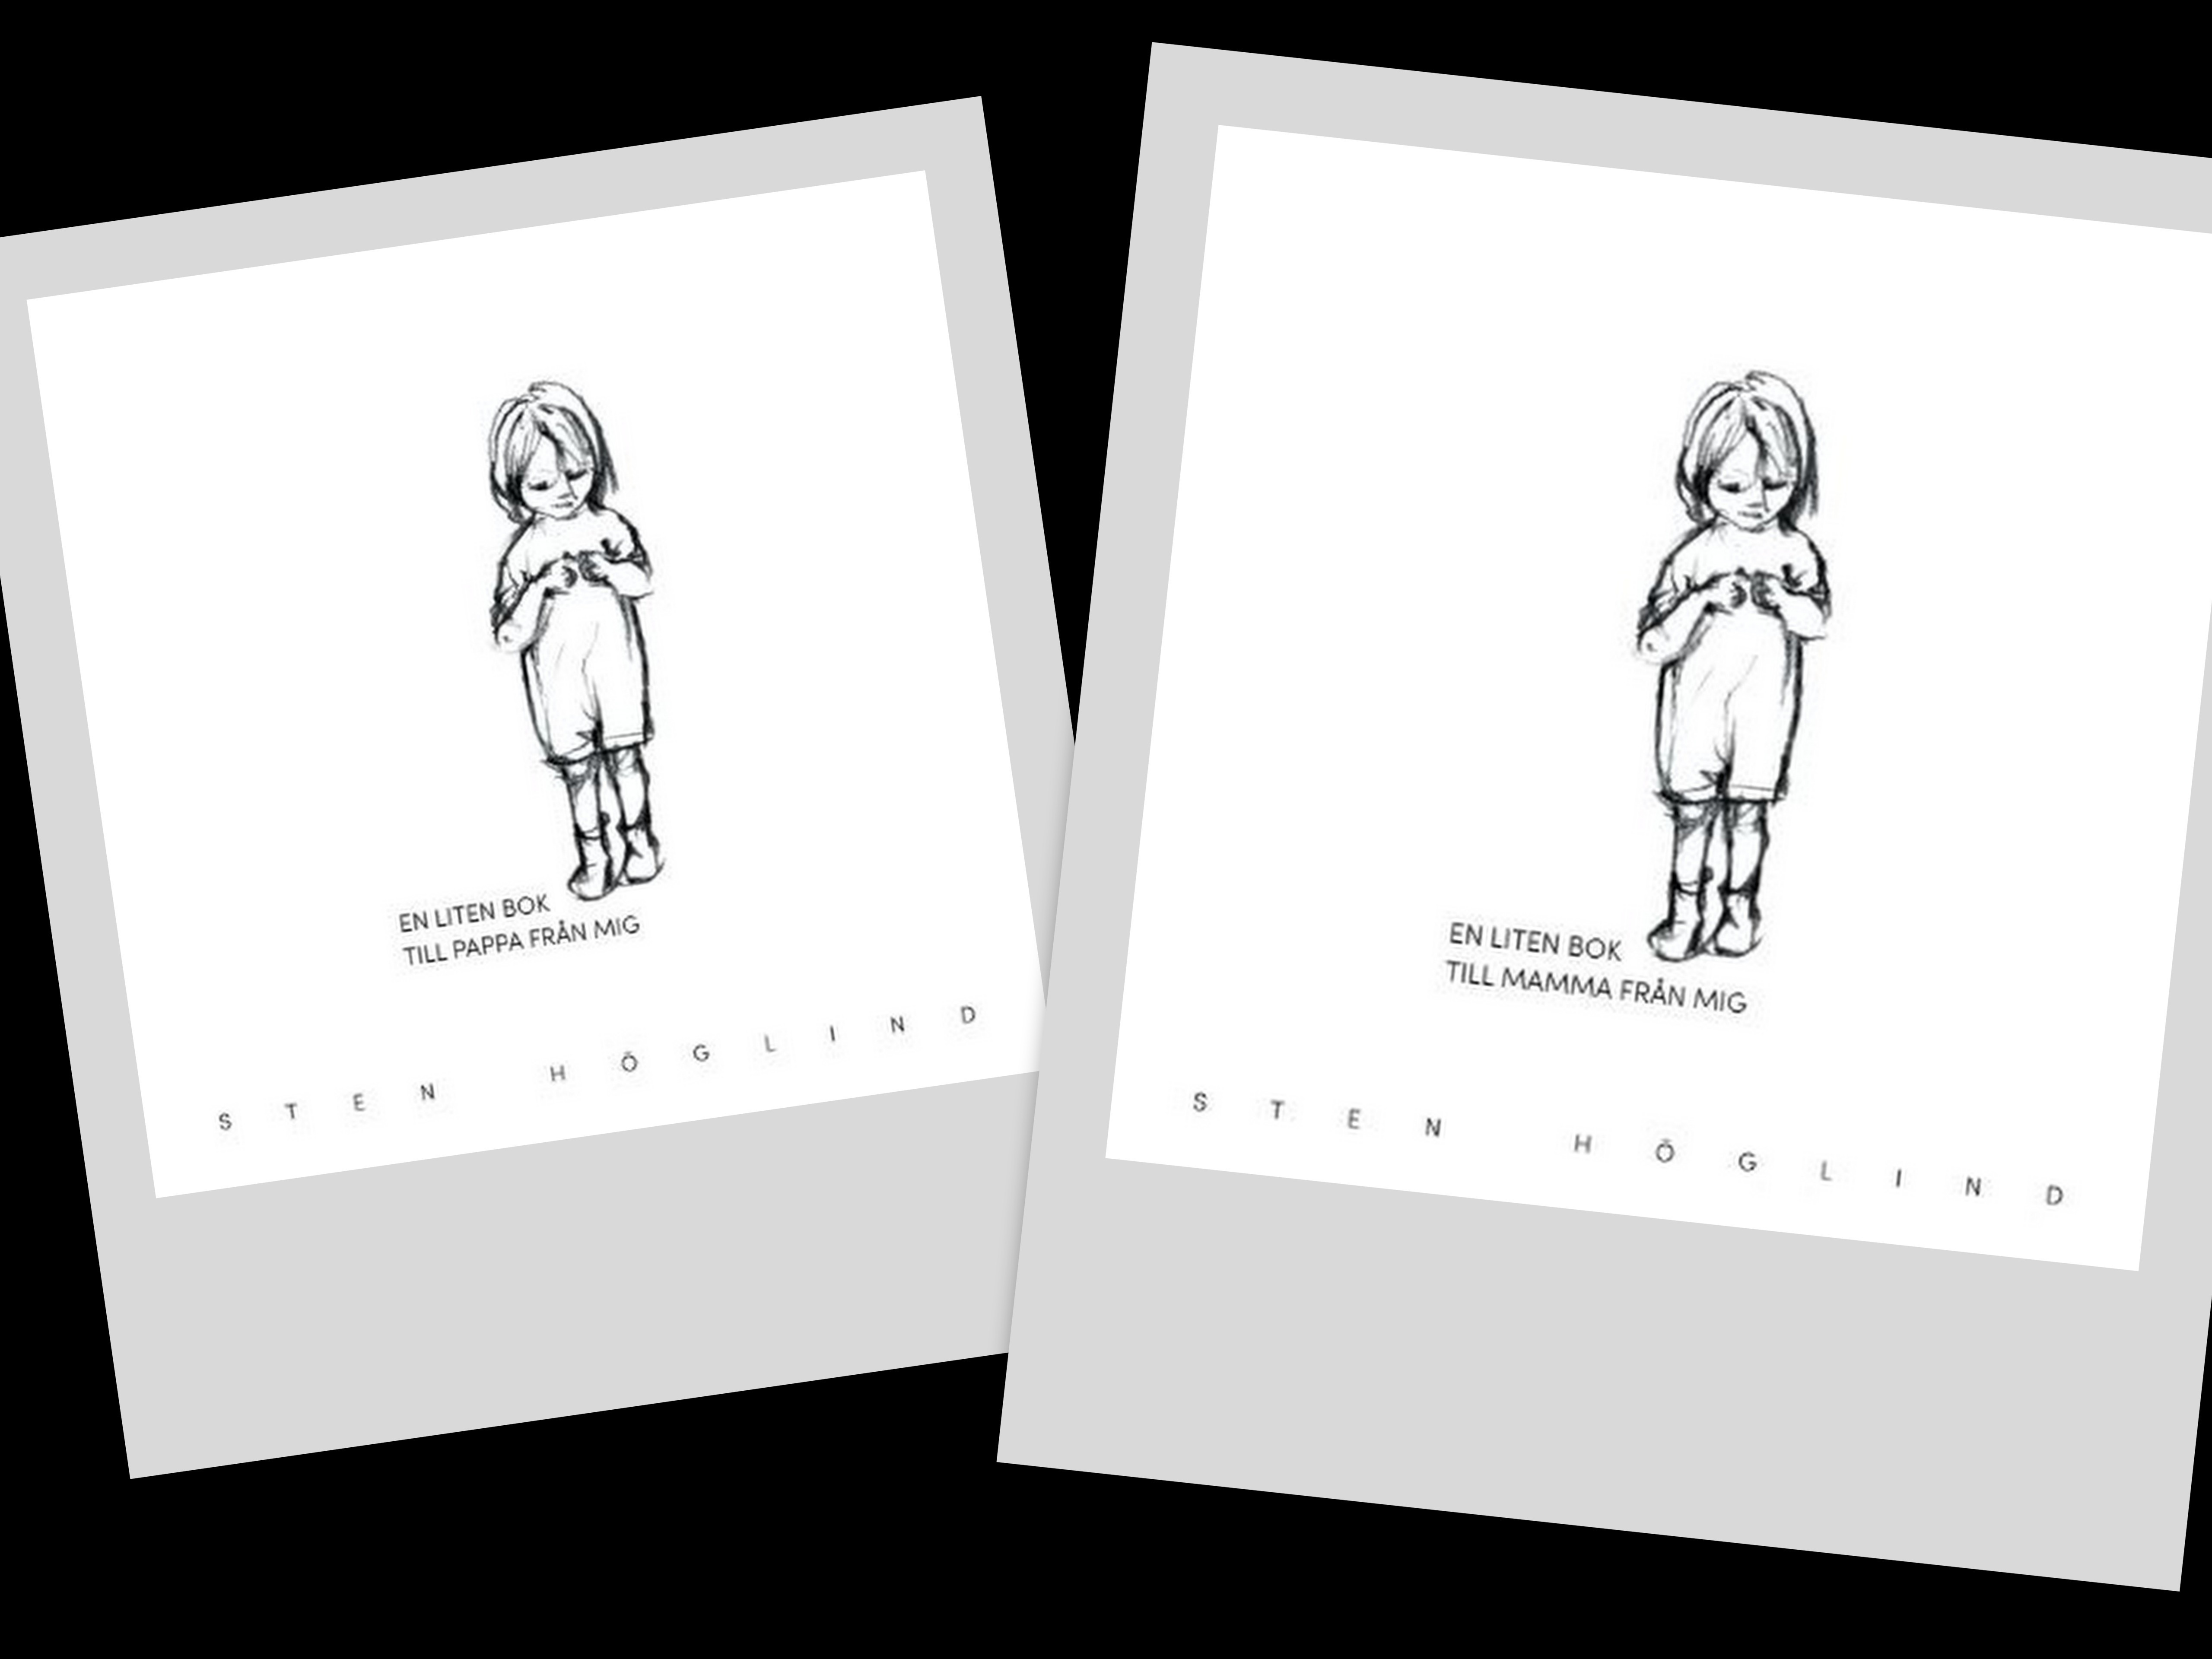 En liten bok till mamma/pappa från mig av Sten Höglind